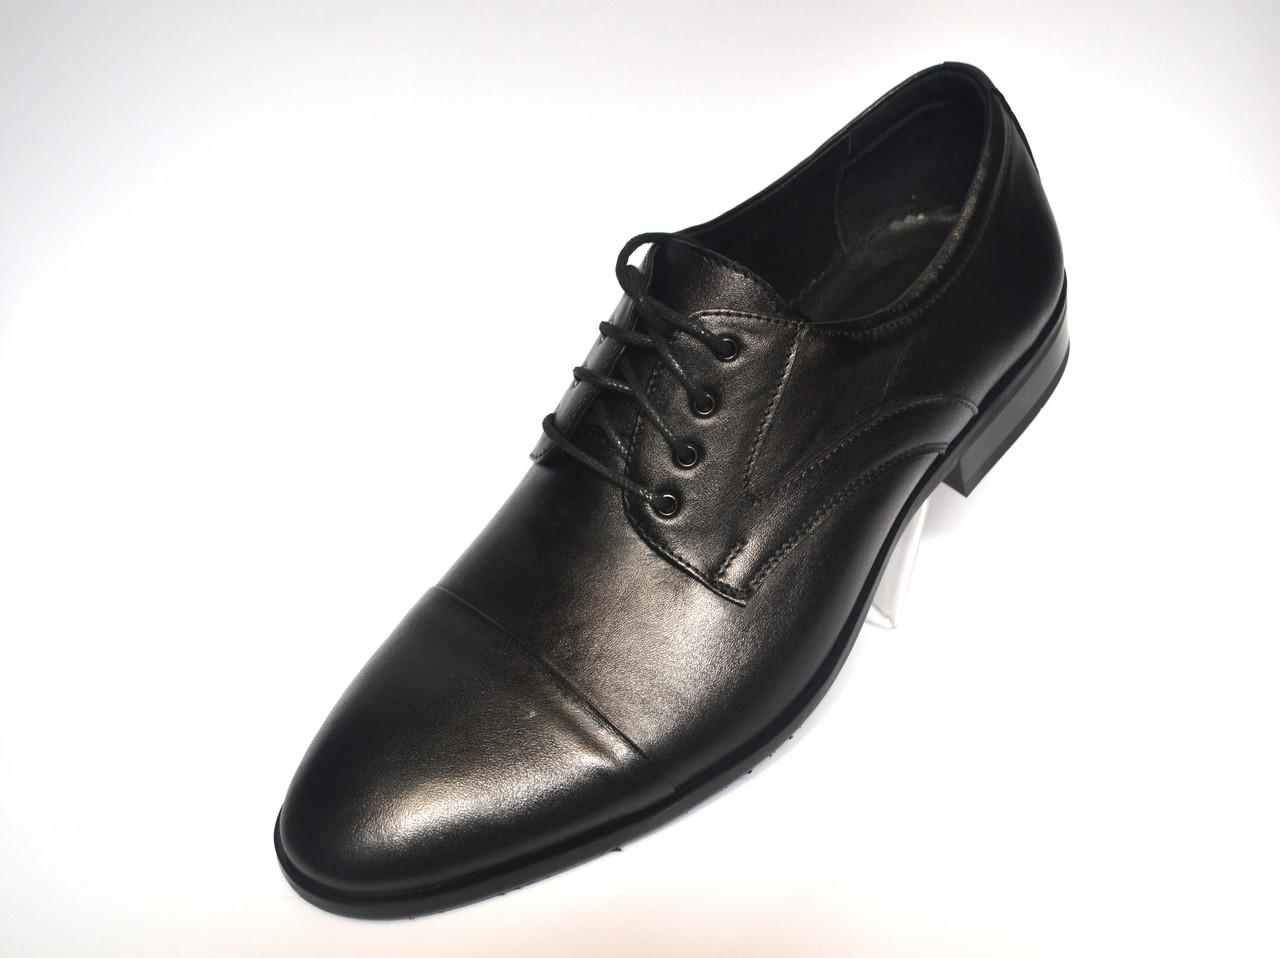 Туфли дерби мужские кожаные классические черные Rosso Avangard FeliceteZo Derby Black